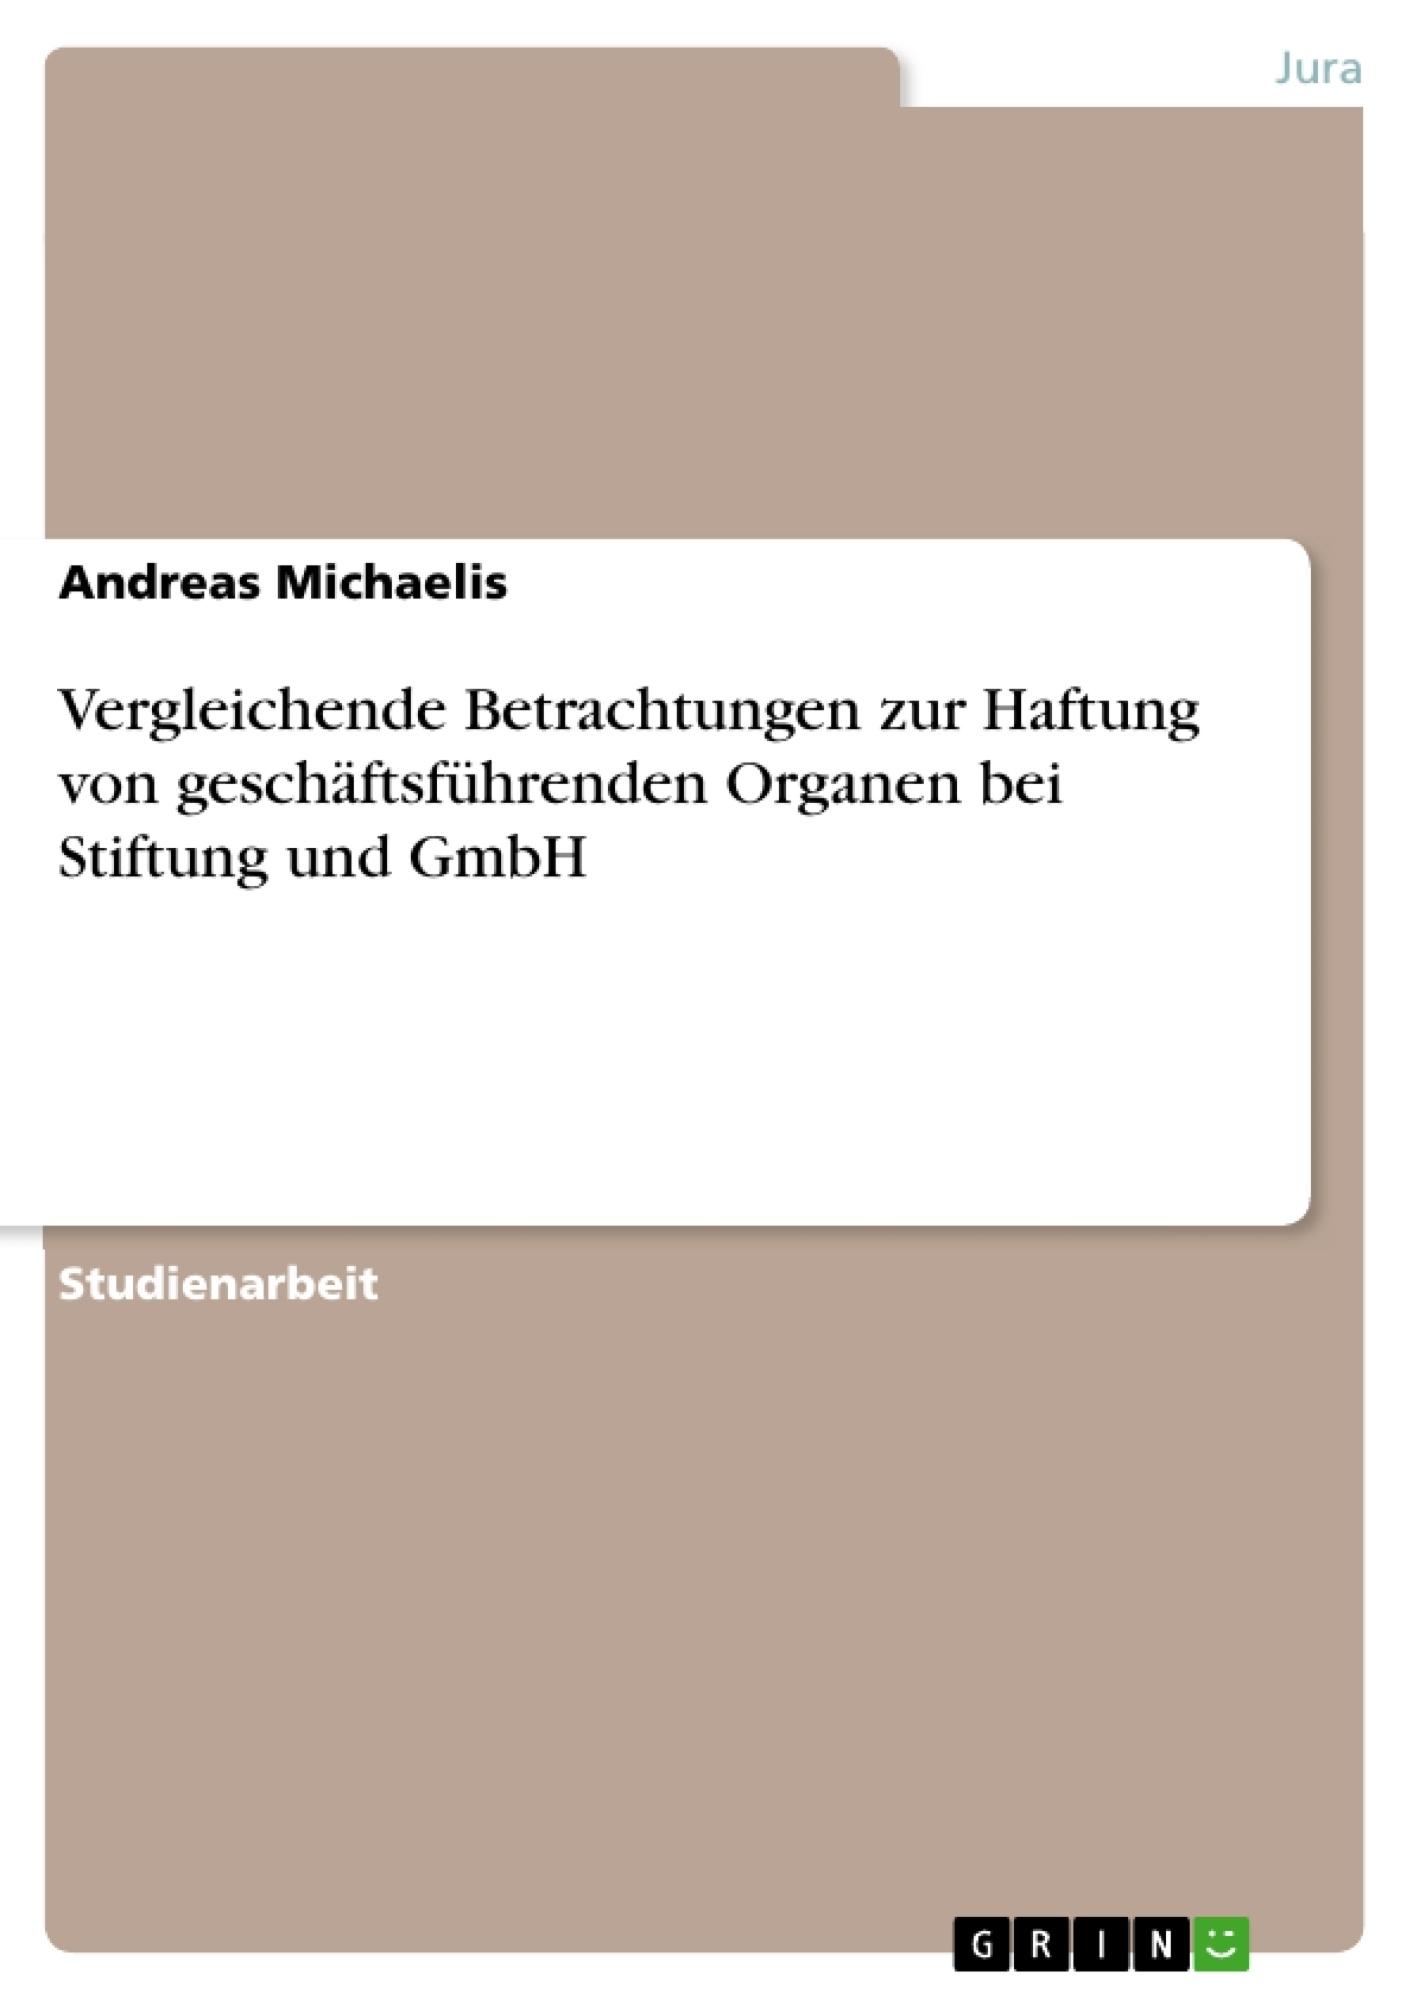 Titel: Vergleichende Betrachtungen zur Haftung von geschäftsführenden Organen bei Stiftung und GmbH